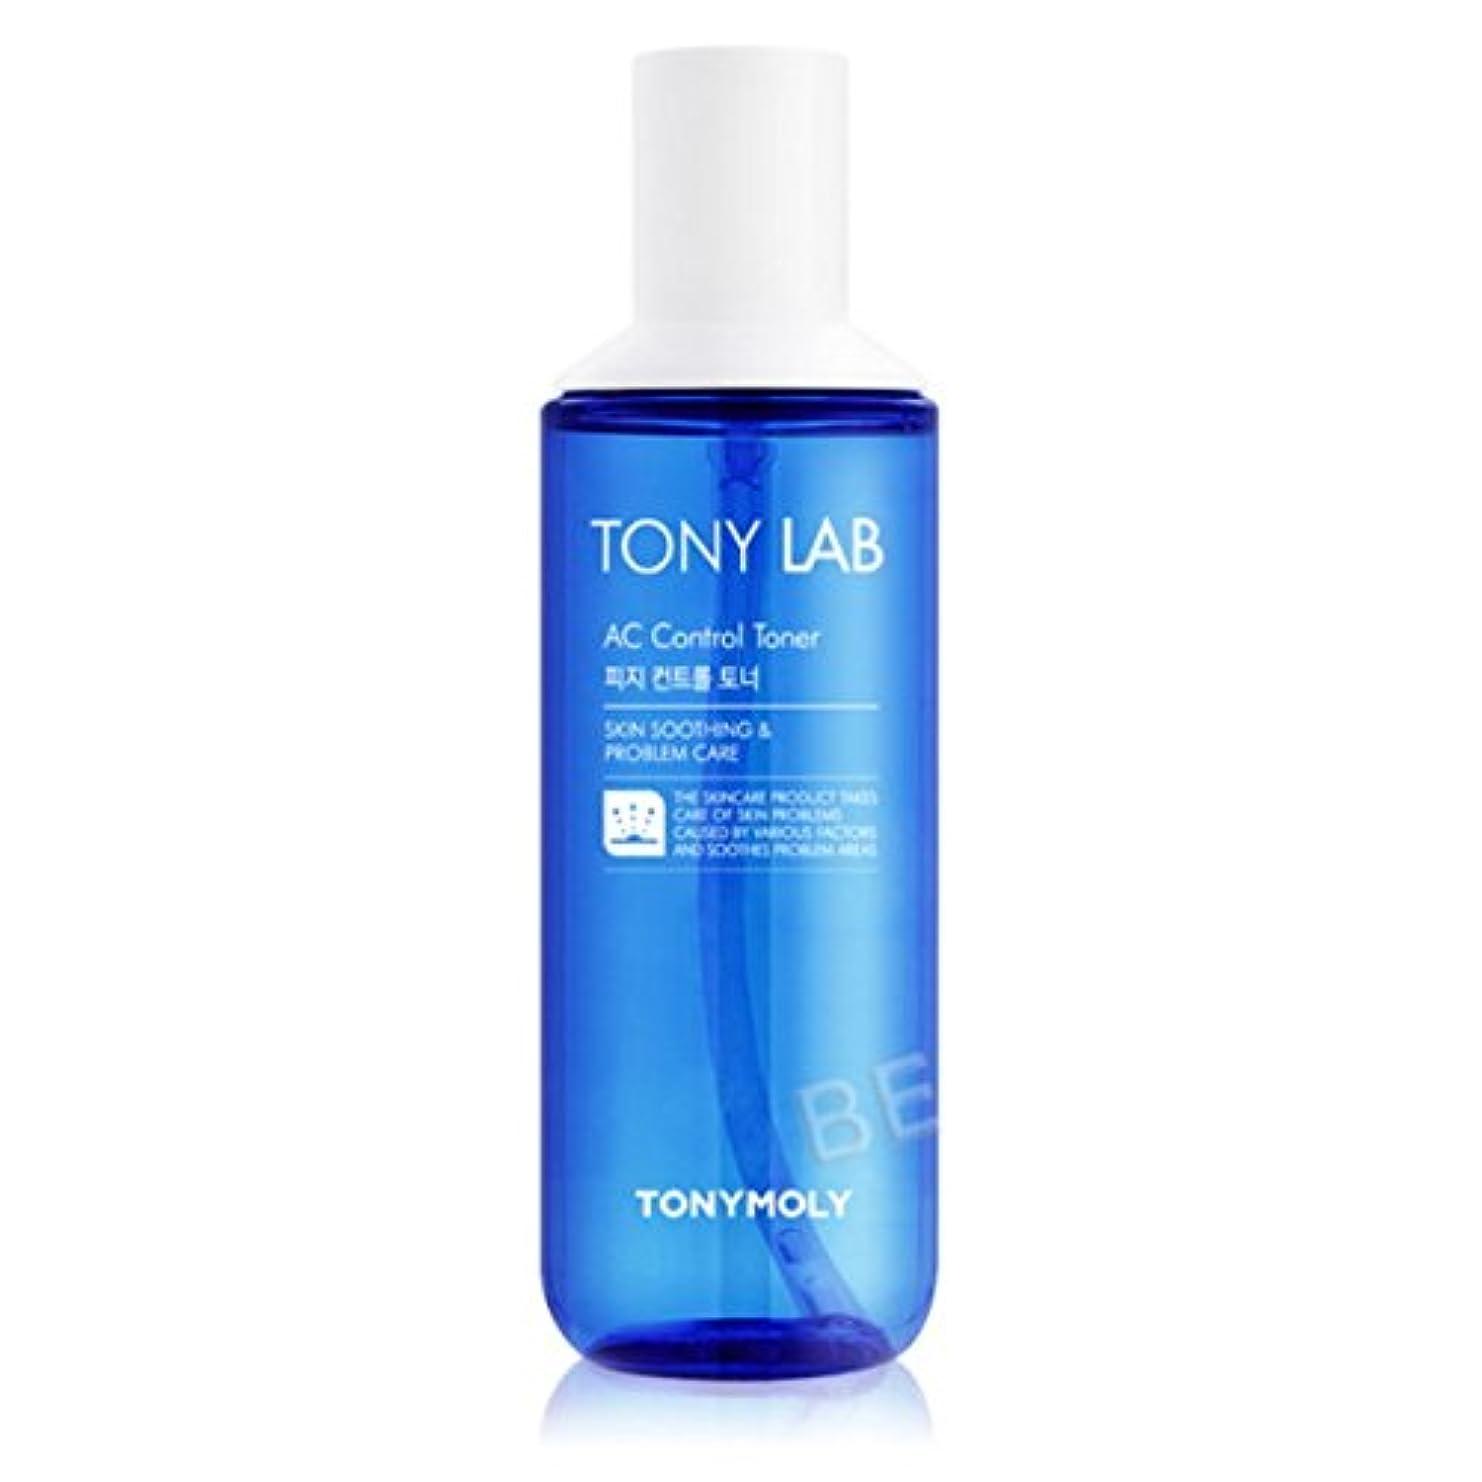 連隊機動不毛の(3 Pack) TONYMOLY Tony Lab AC Control Toner (並行輸入品)